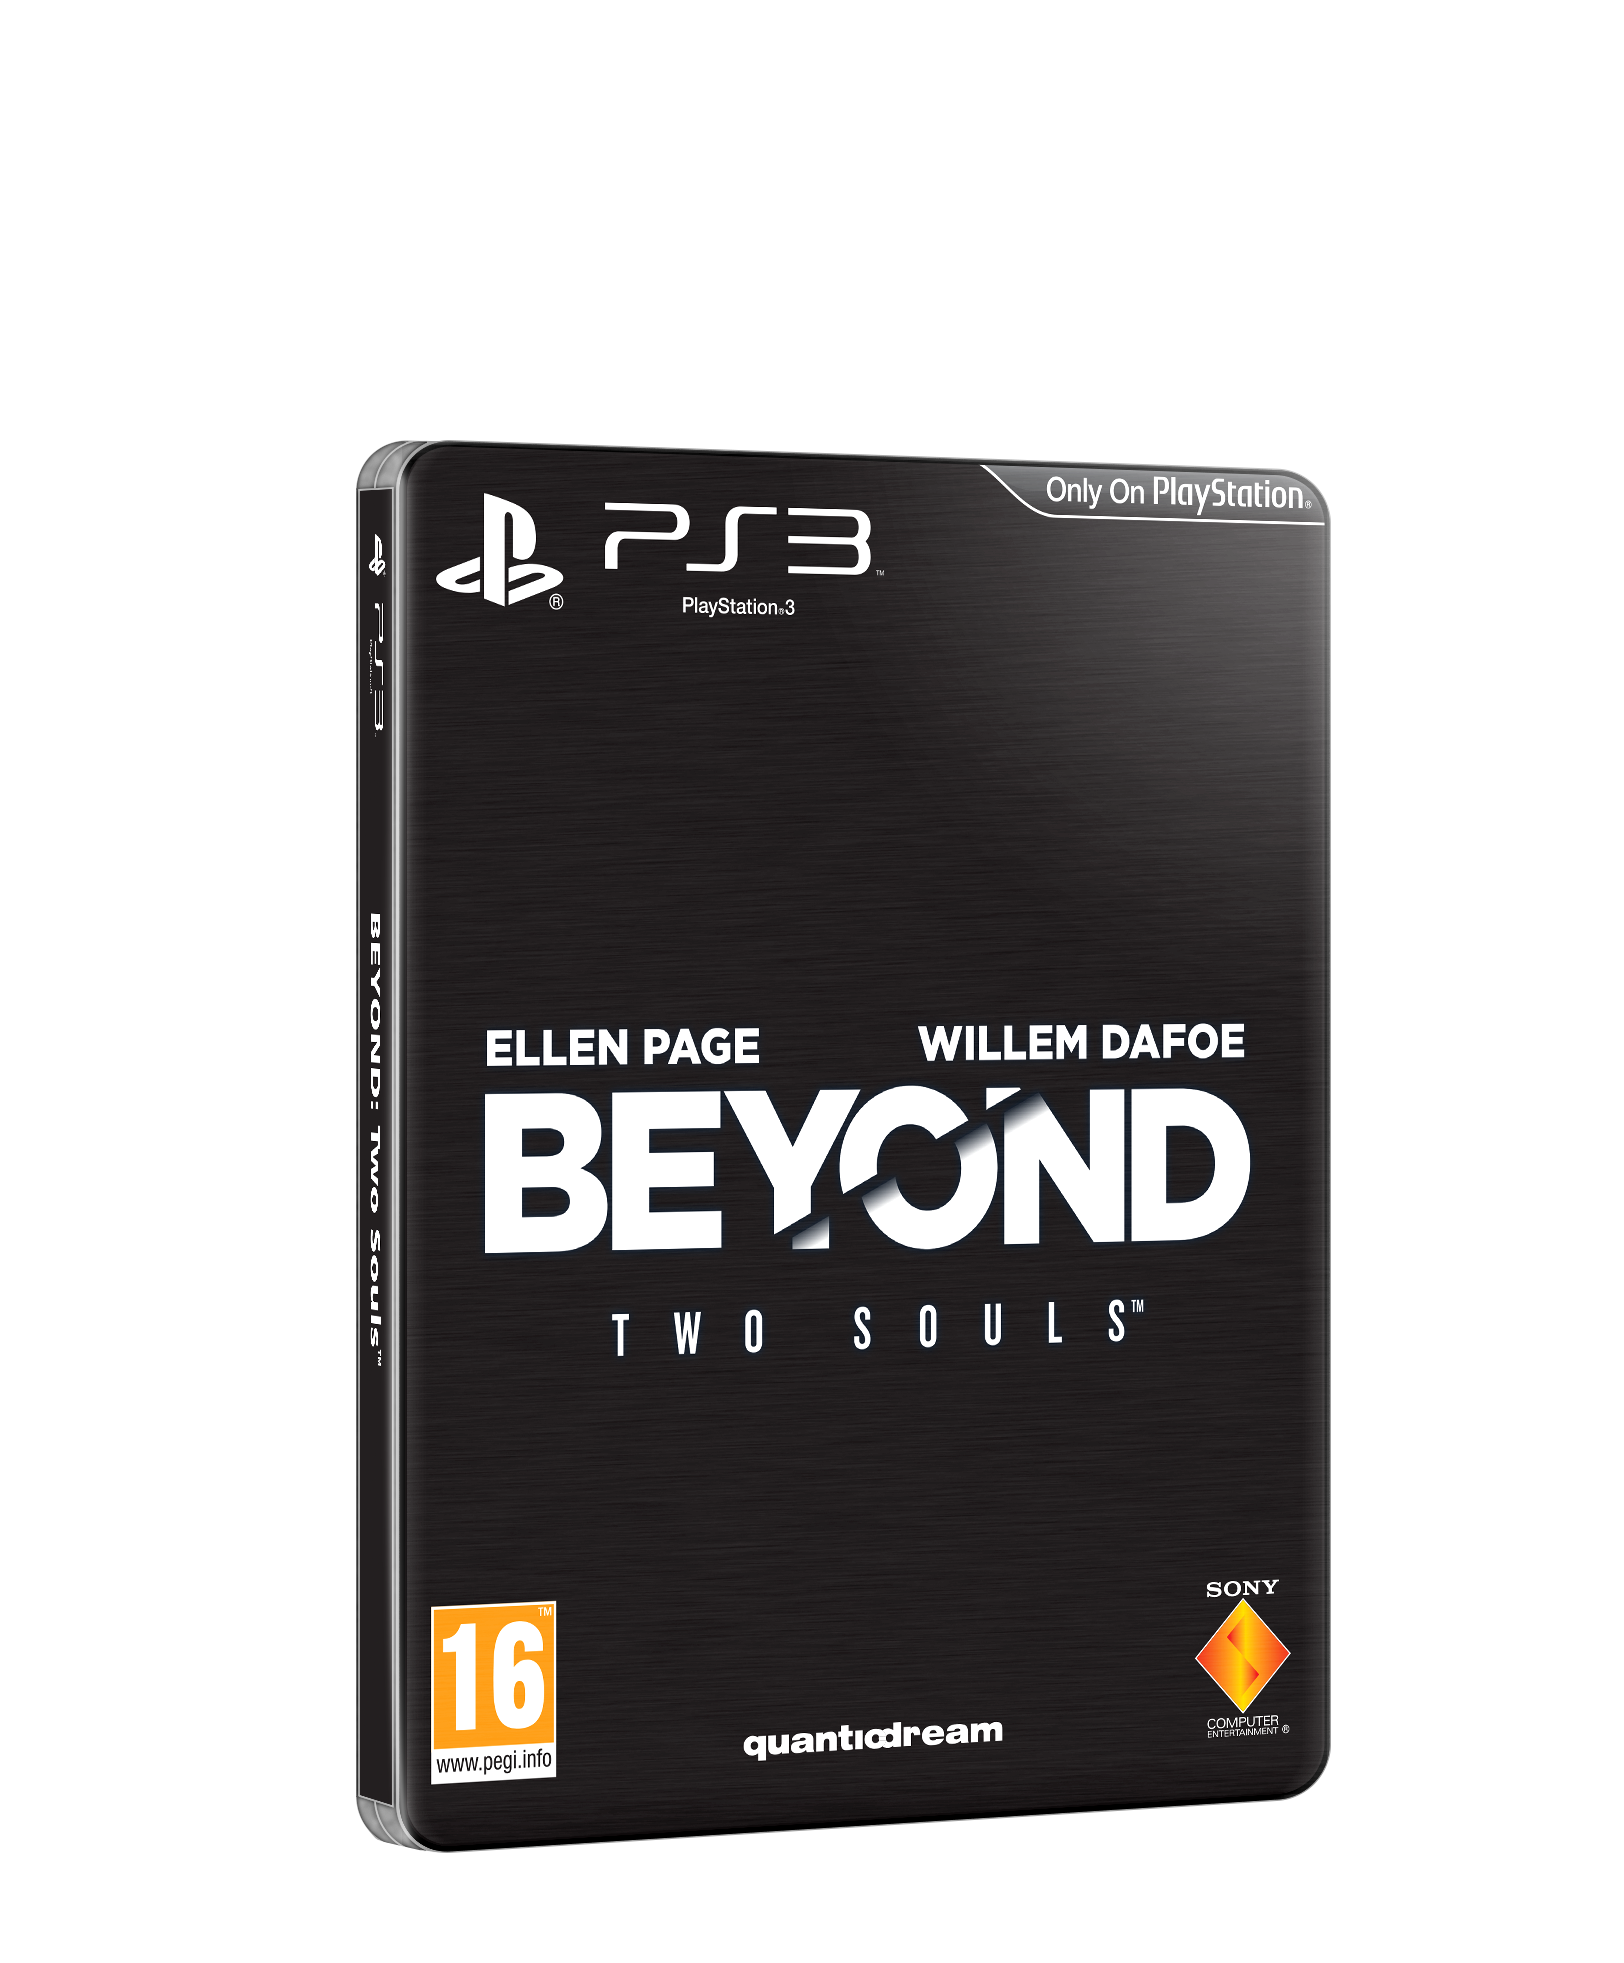 Объявлено специальное издание Beyond: Two Souls, доступно только по предварительному заказу.Включает:Эксклюзивная ст .... - Изображение 1